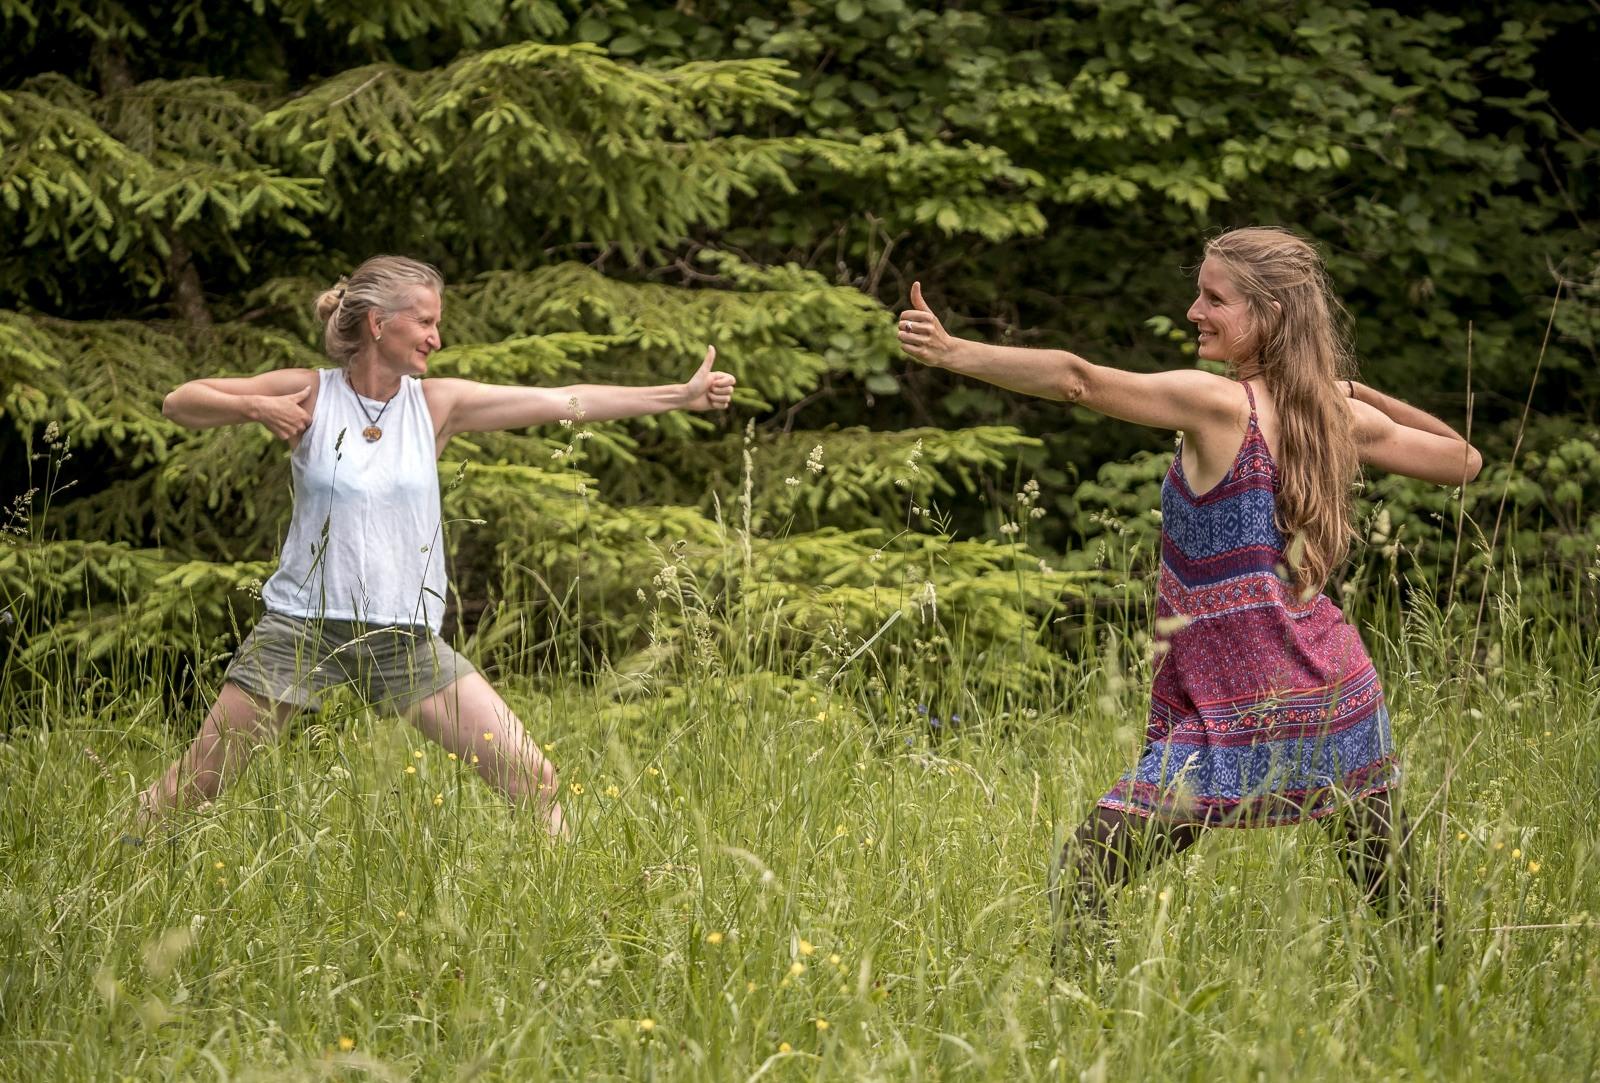 Detox Yoga Retreat in Bayern, Basenfasten und entschlacken, spazieren gehen, frische Luft tanken und erholen.